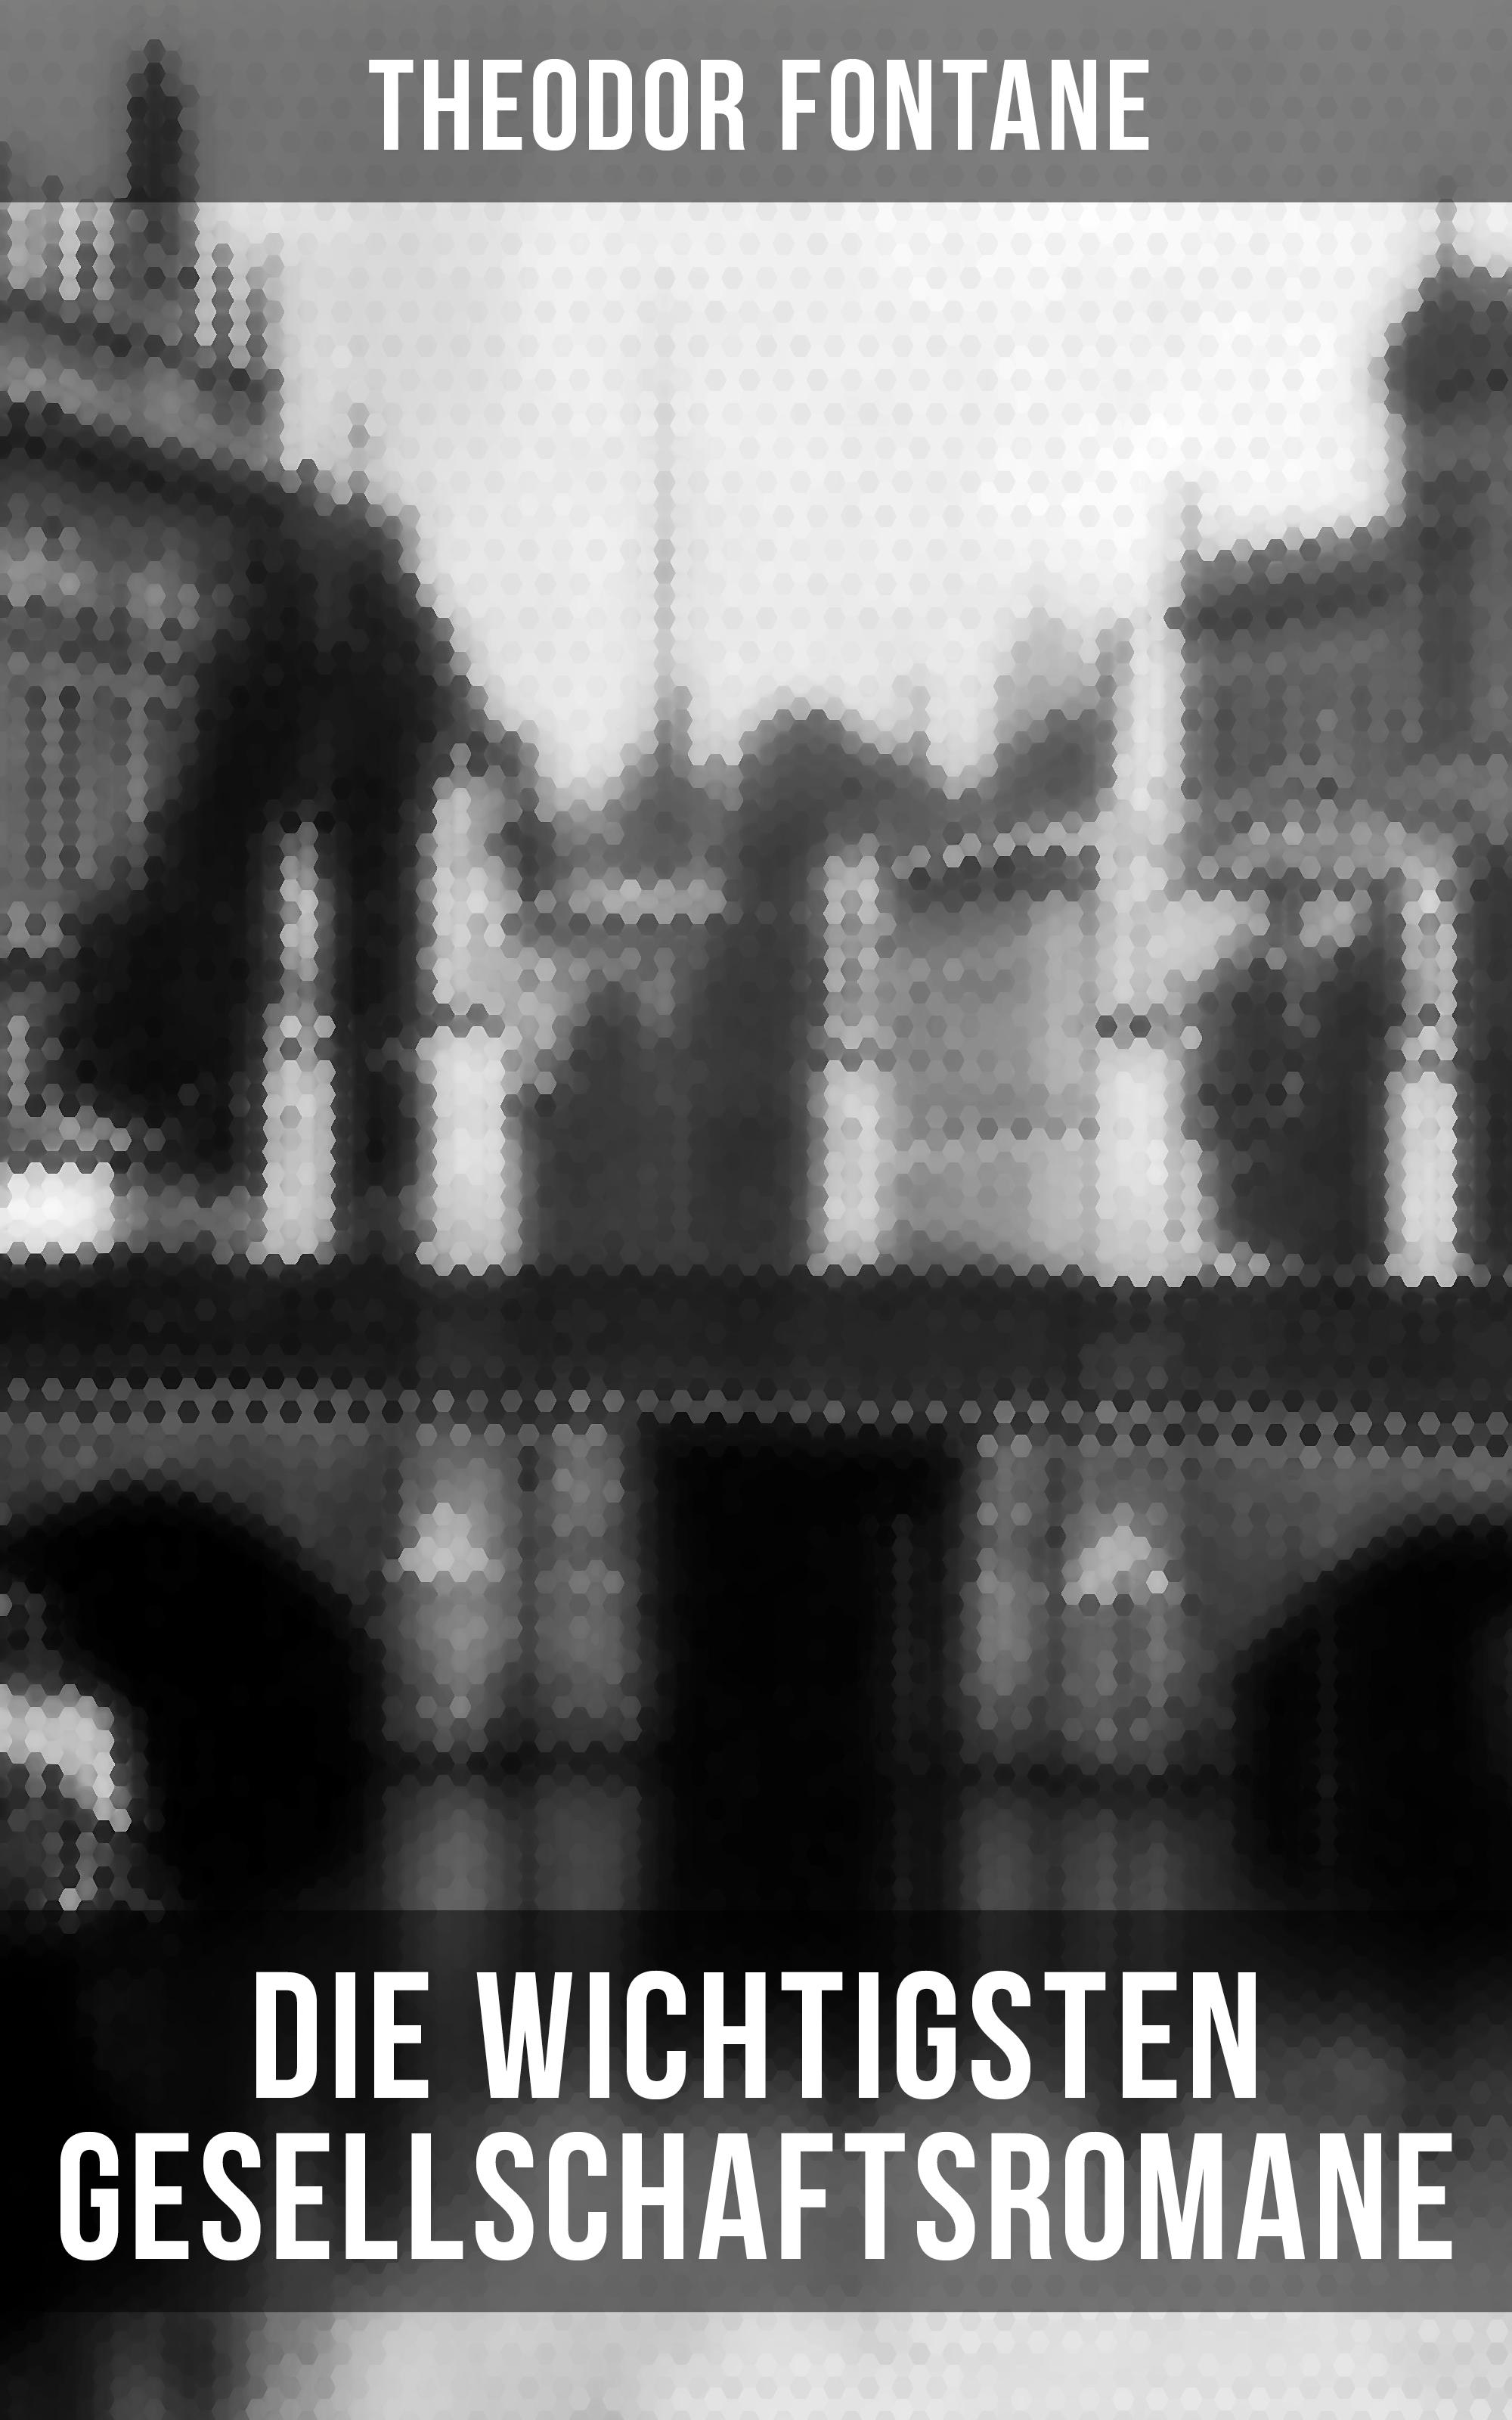 Theodor Fontane Die wichtigsten Gesellschaftsromane von Theodor Fontane hoffmann ernst theodor amadeus nussknacker und mausekonig немецкий язык